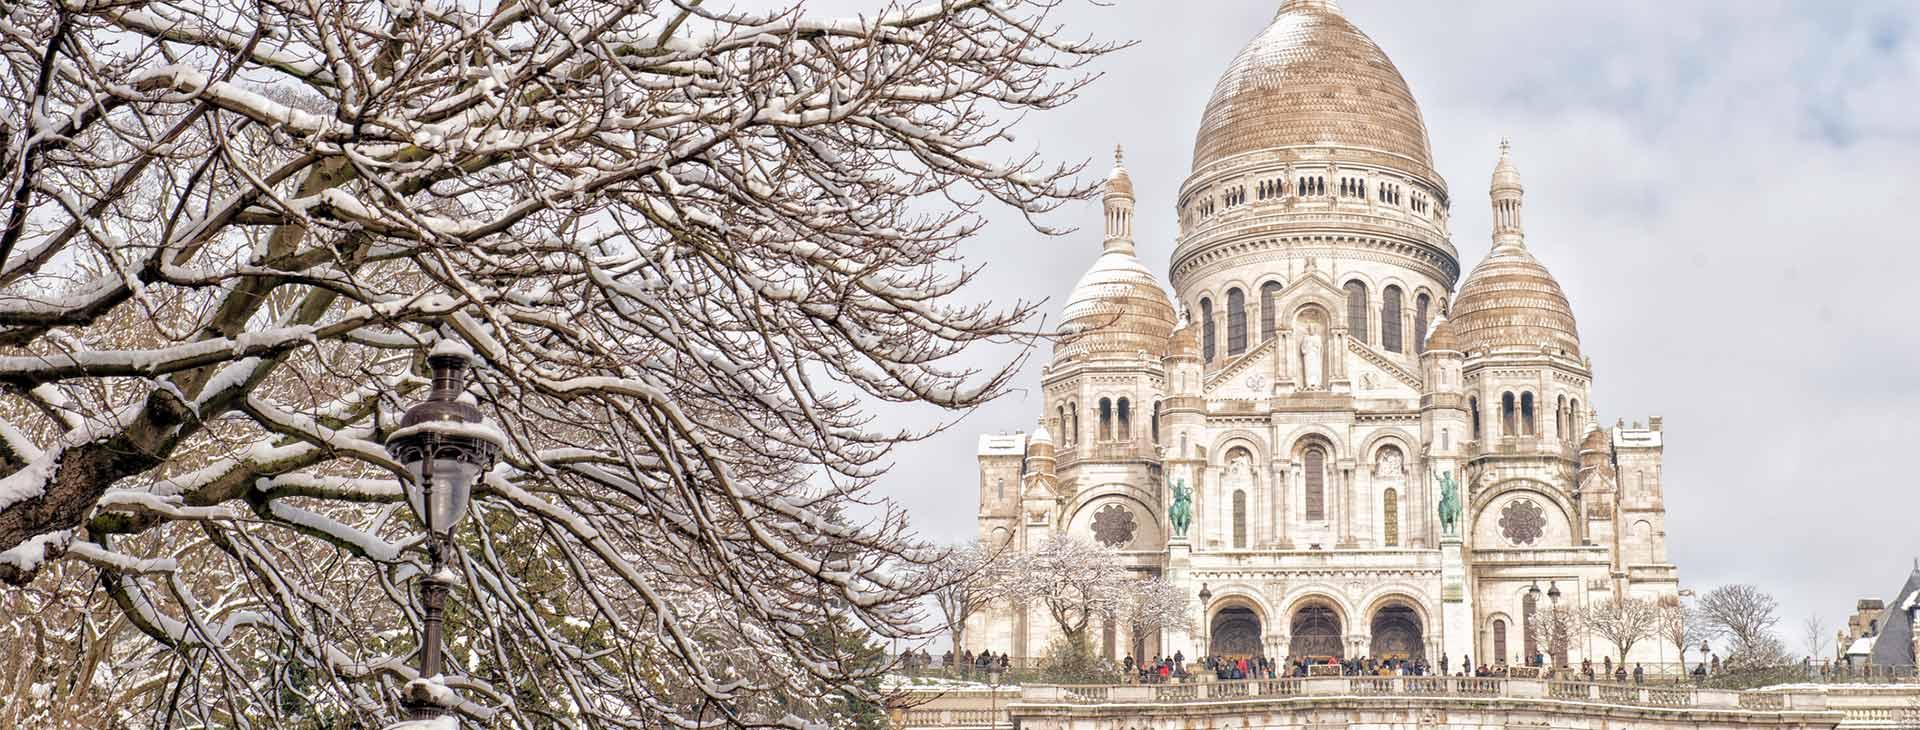 Paryż - Sylwester na Polach Elizejskich